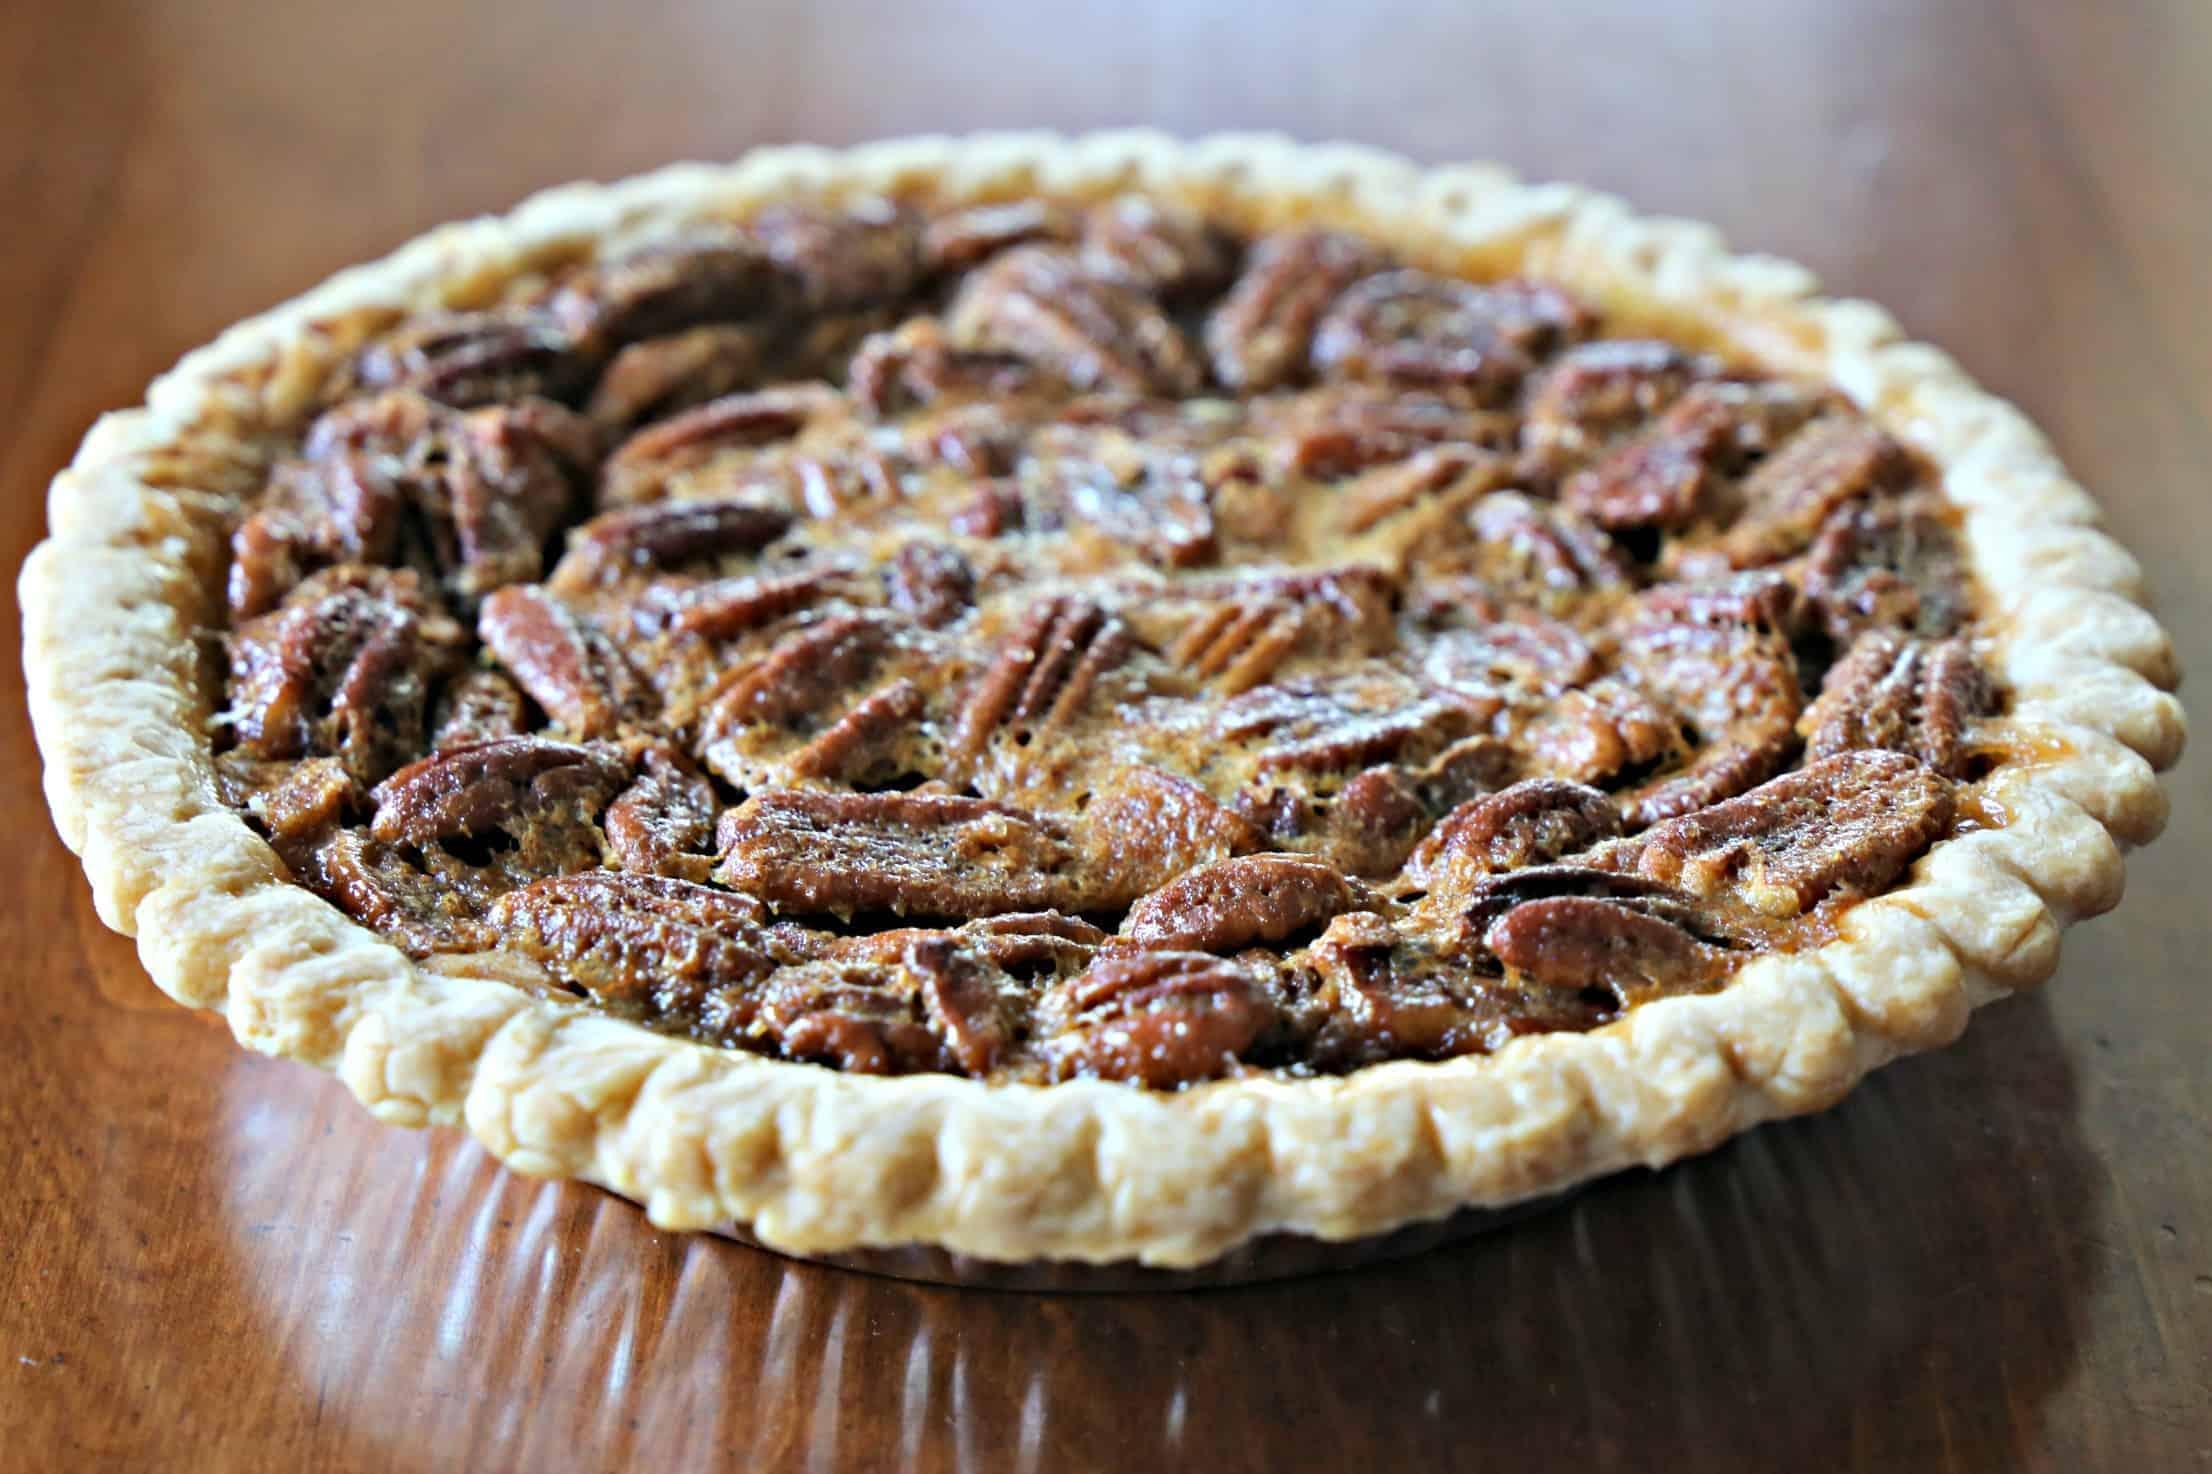 Pecan Pie on table